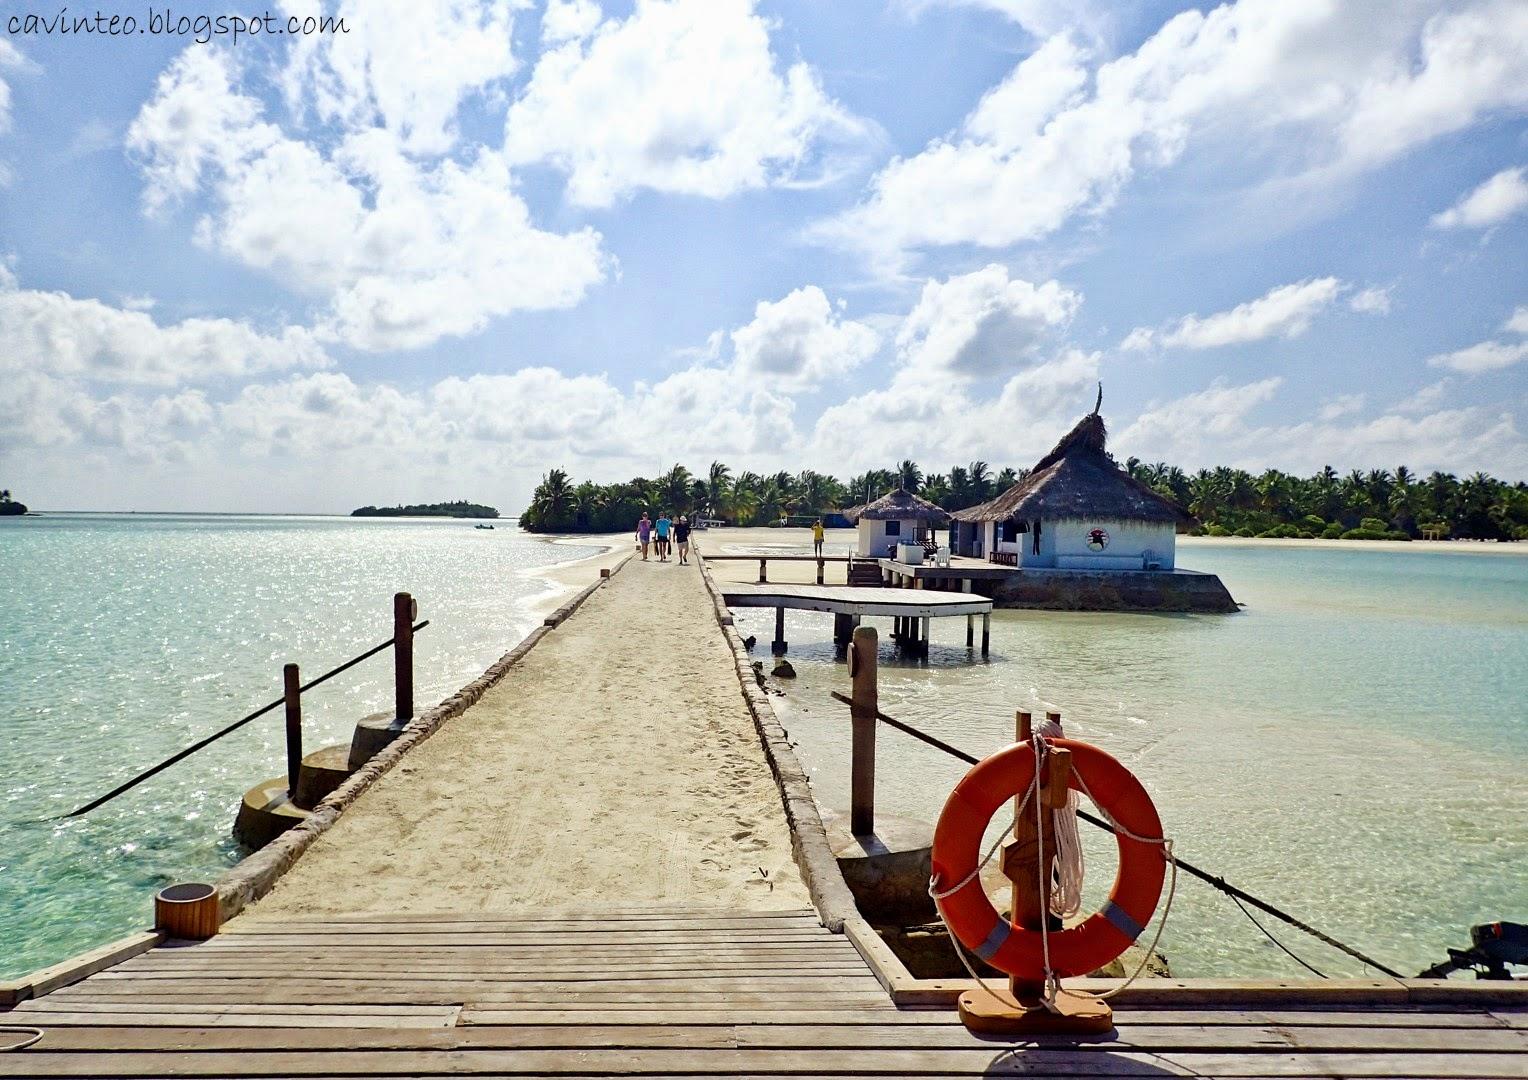 rihiveli beach maldives wallpapers - Rihiveli Beach Maldives Your Wallpaper